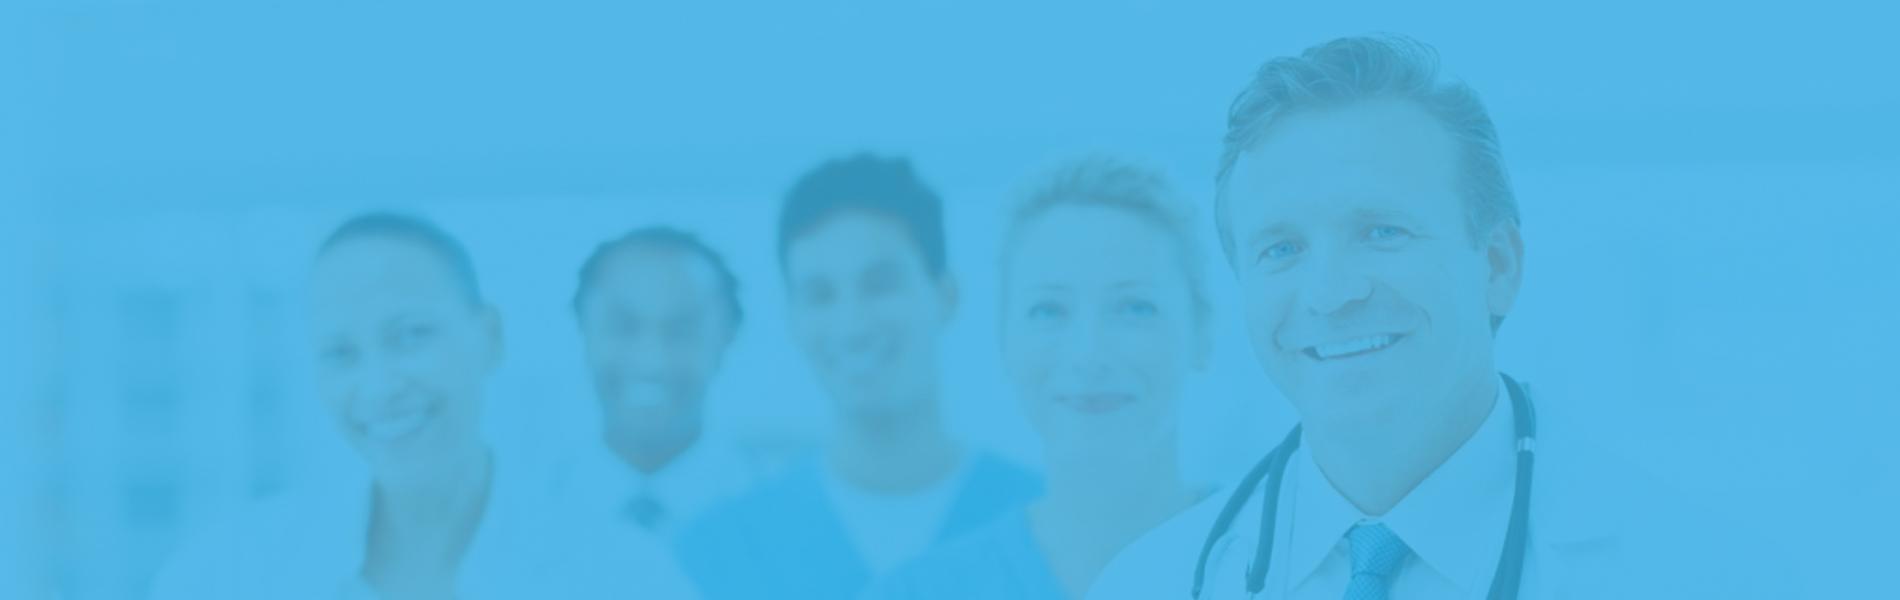 slider_medical_staff